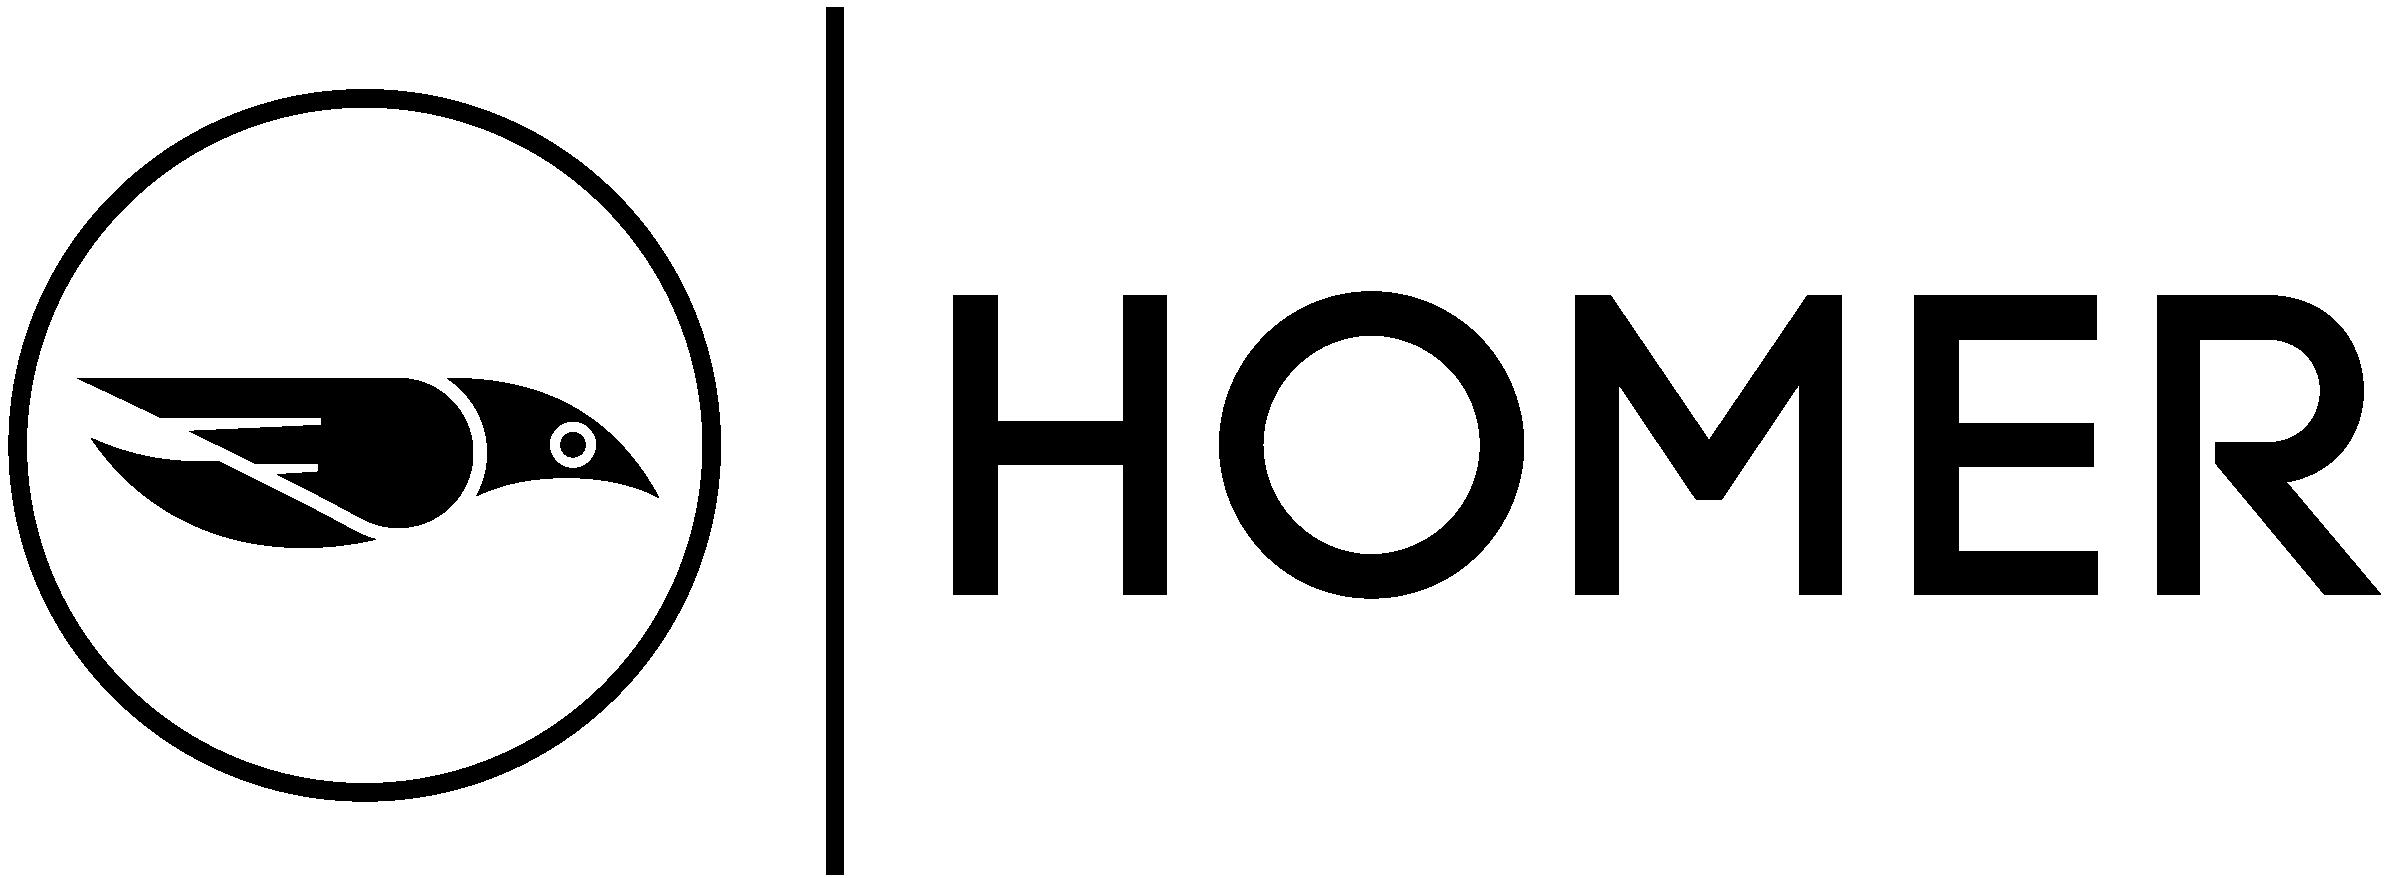 homer_logo_large.png